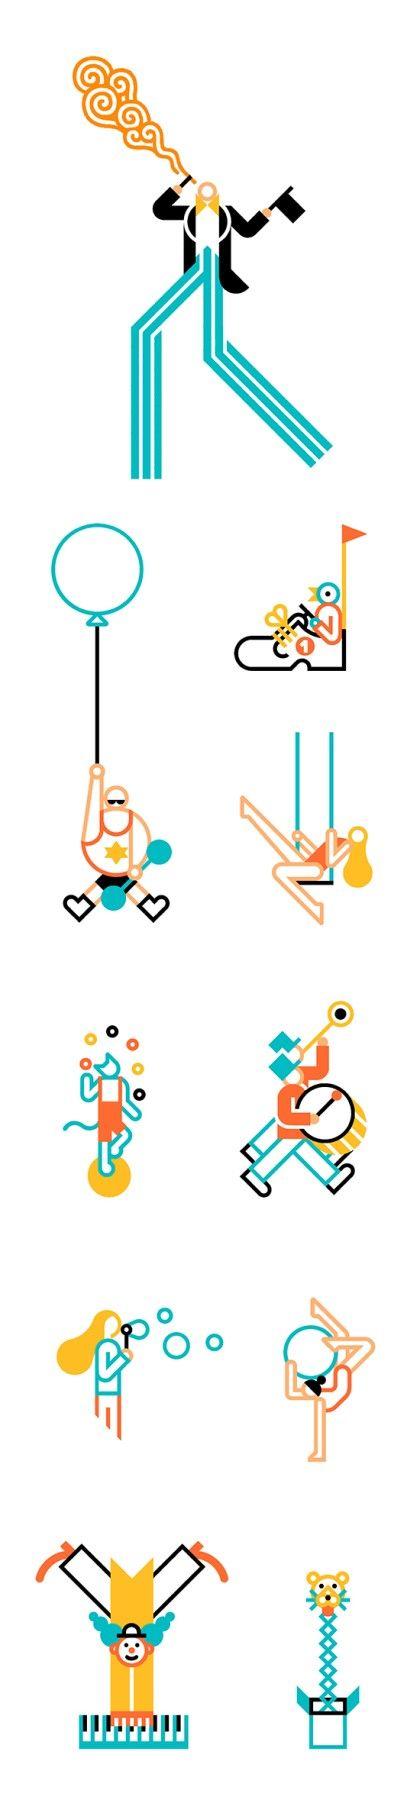 푸르름:) [일러스트레이션/그래픽디자인] Carlos Arrojo : 네이버 블로그